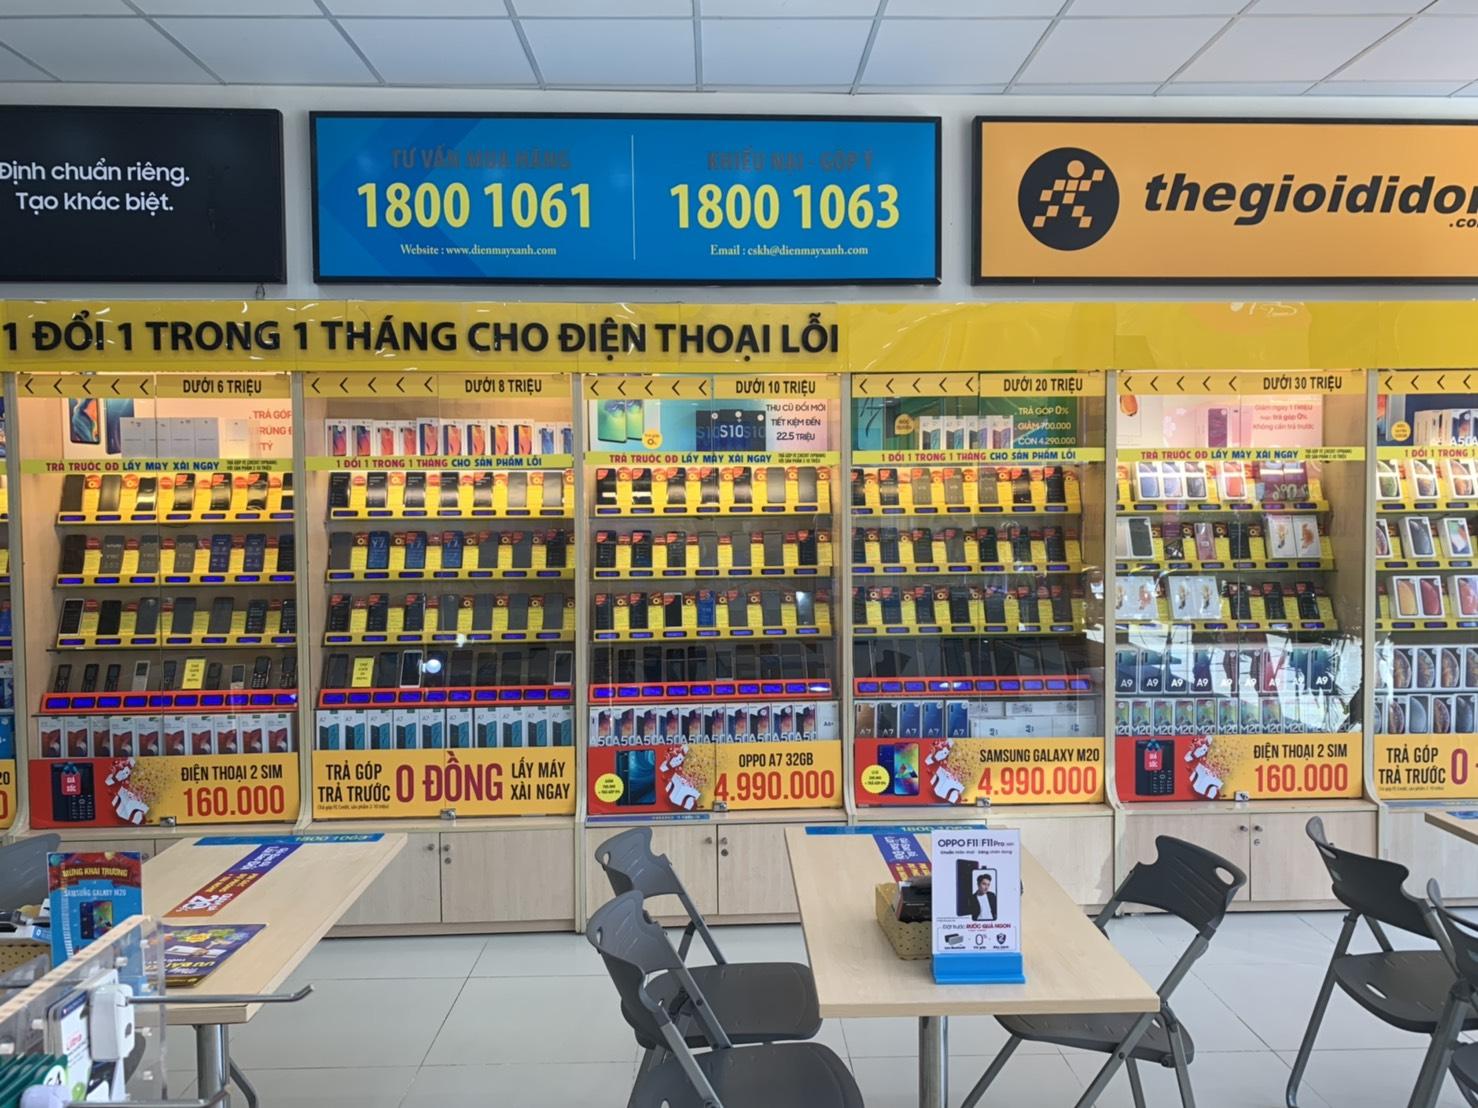 Siêu thị Điện máy XANH 650 Trường Chinh, TP. HCM